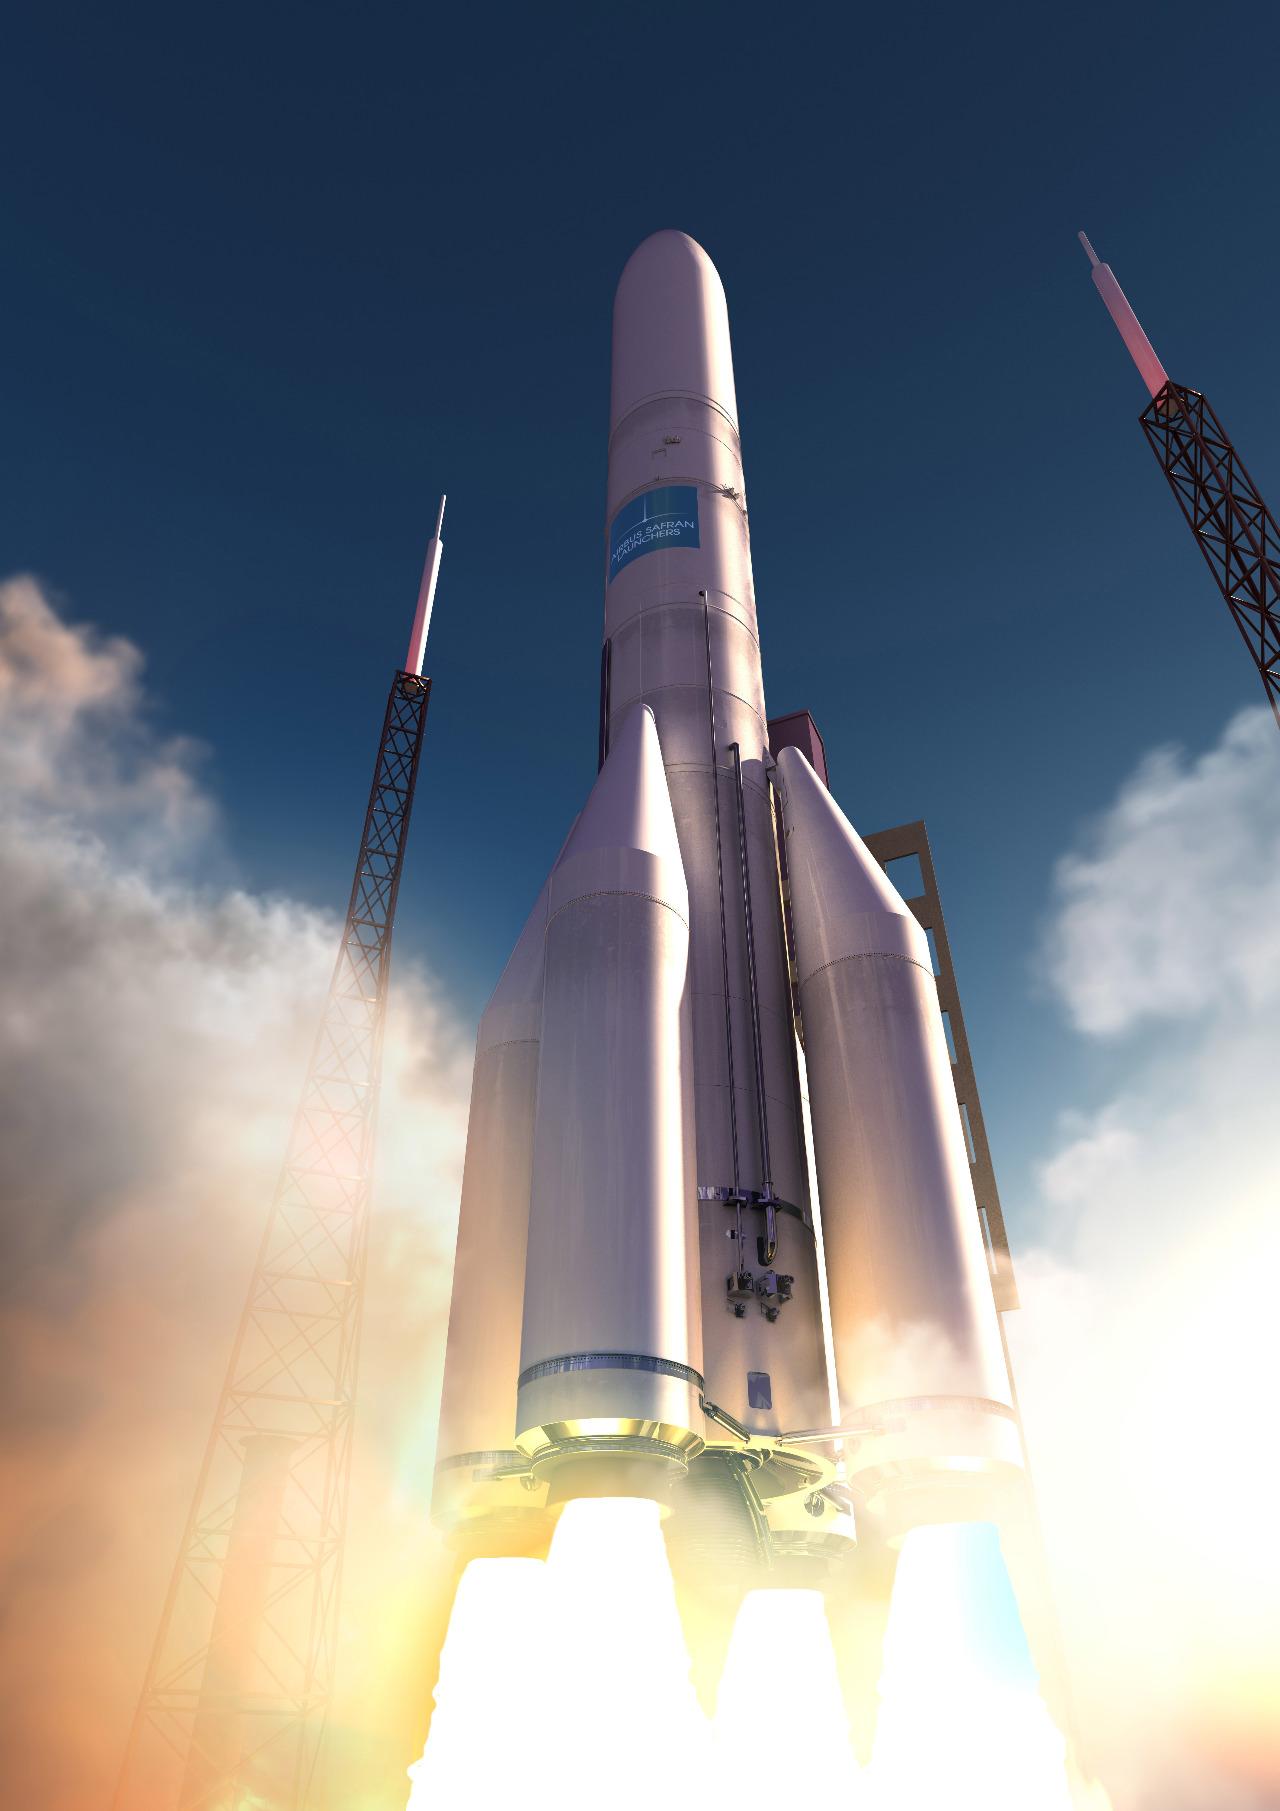 Première revue de conception finalisée pour Ariane 6